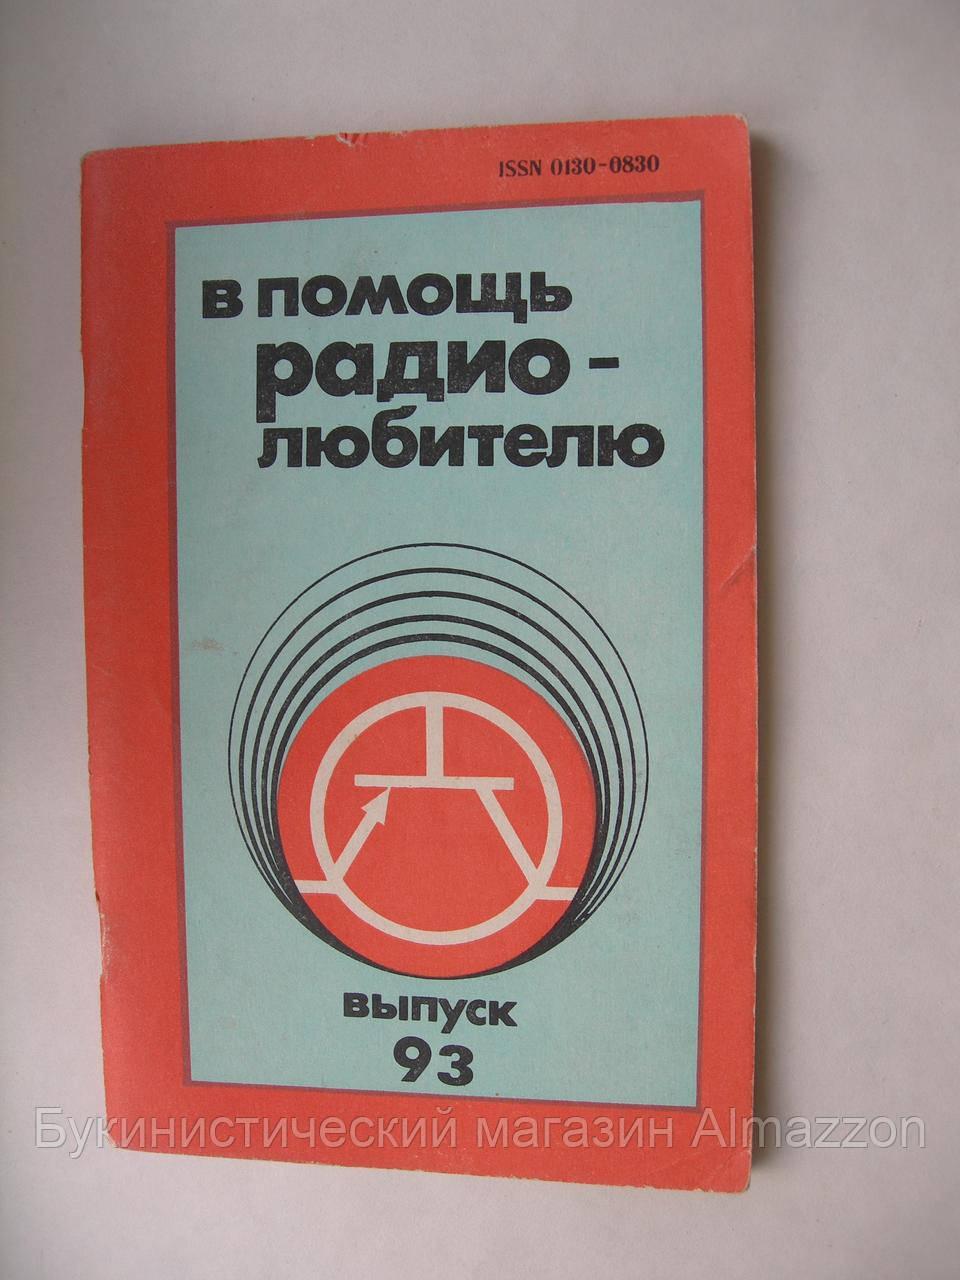 В помощь радиолюбителю. Выпуск 93